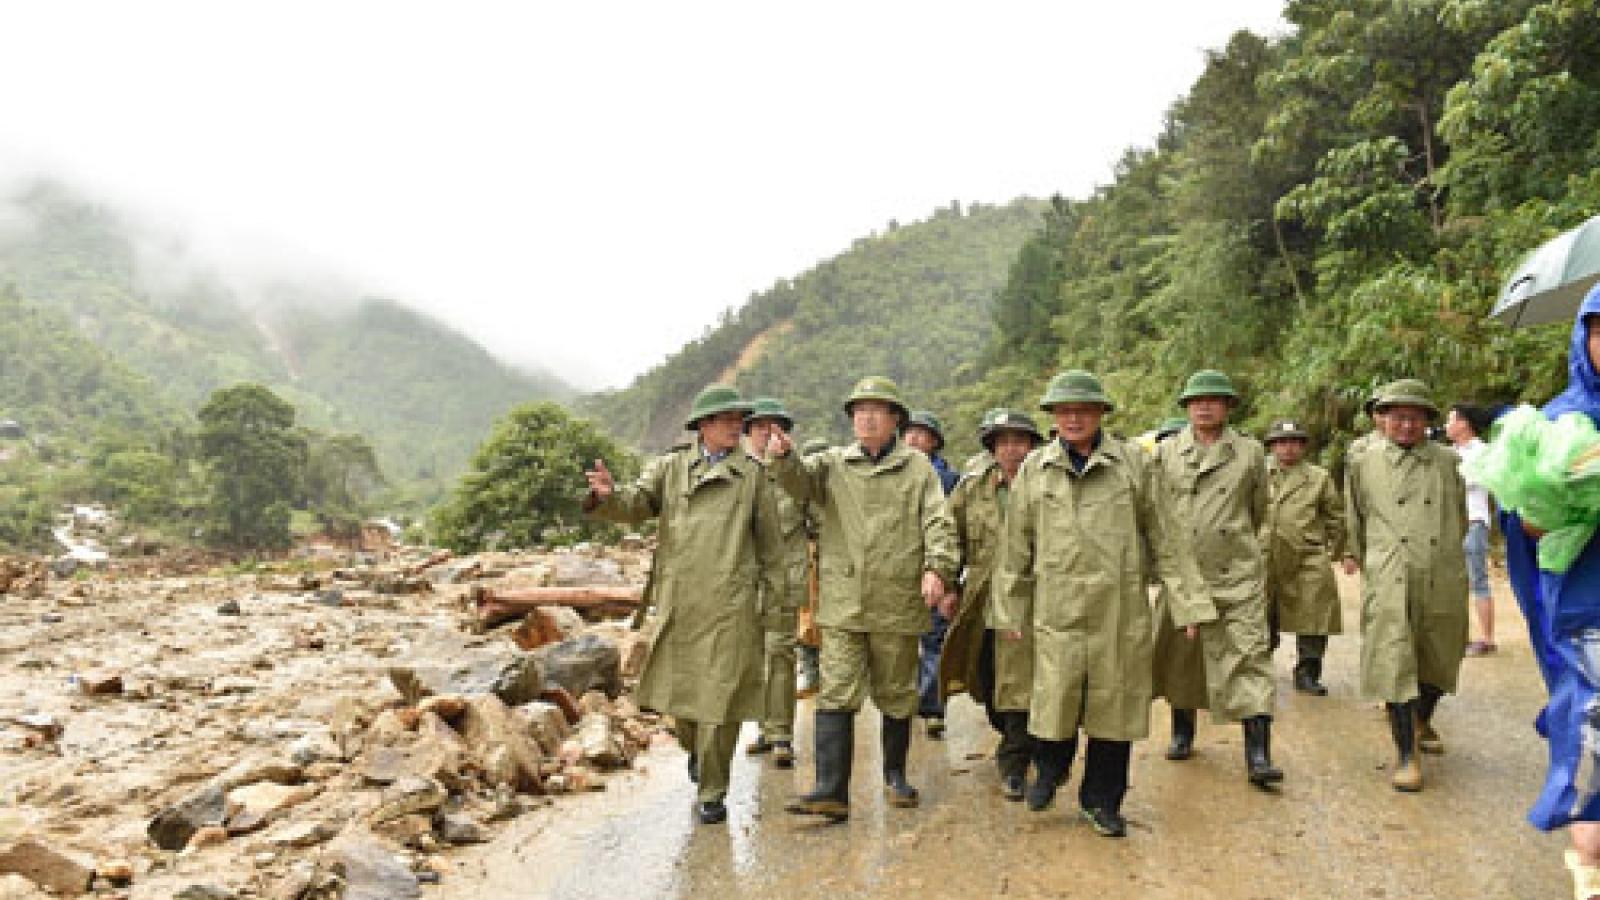 Phó Thủ tướng Trịnh Đình Dũng: Tập trung đặc biệt cho công tác cứu hộ, sơ tán dân